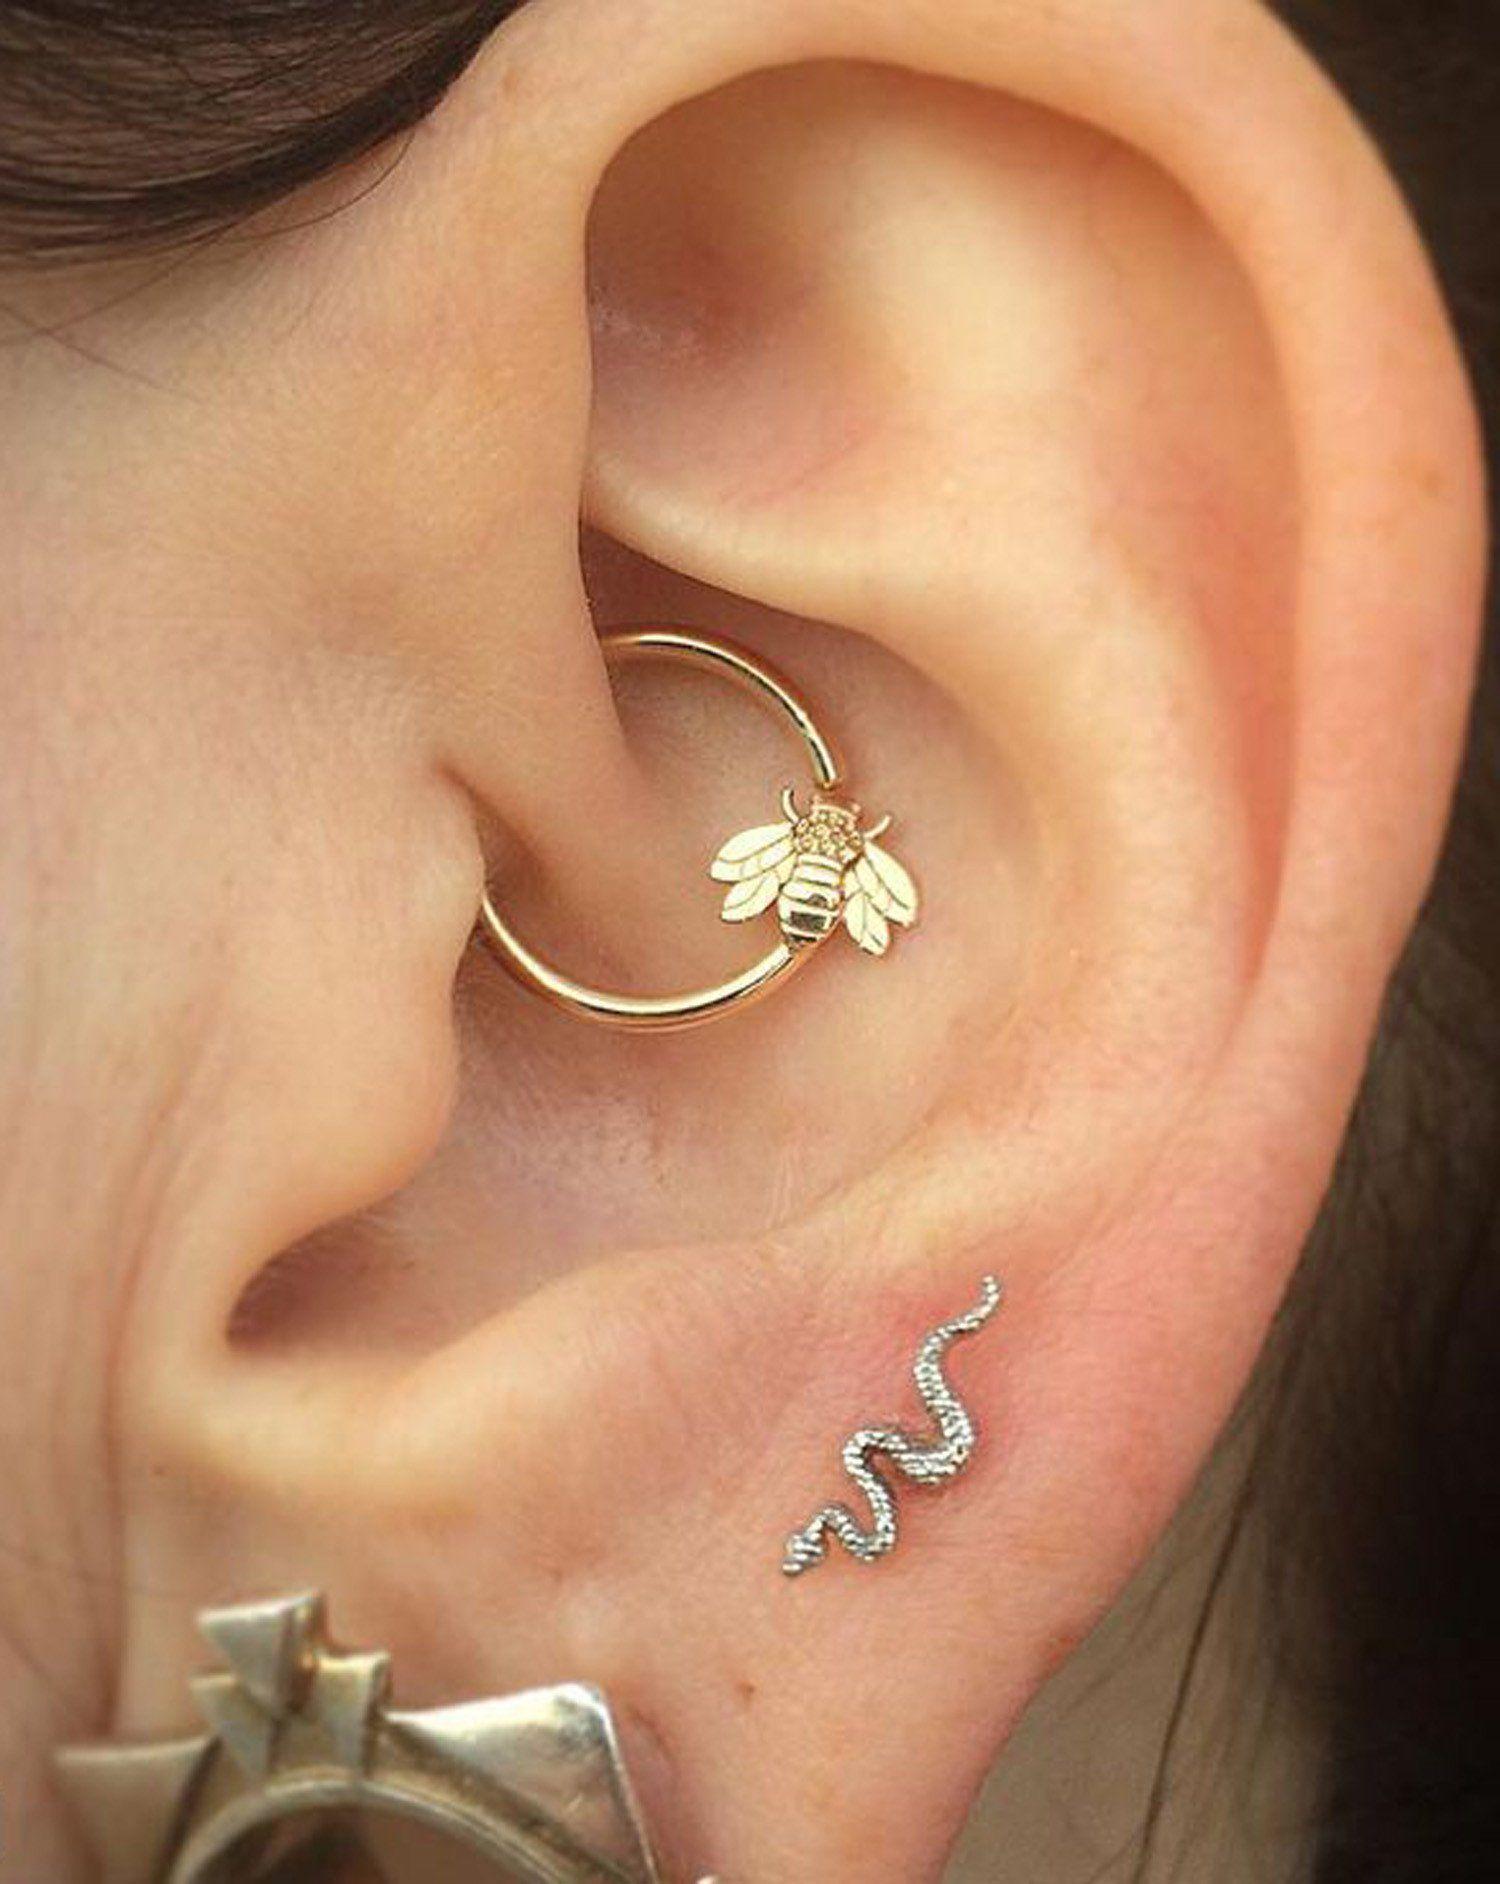 Ear Piercing Inspiration  Beautiful Bee Tragus Hoop  Snake Earring  Cute  Earrings  Mybodiart